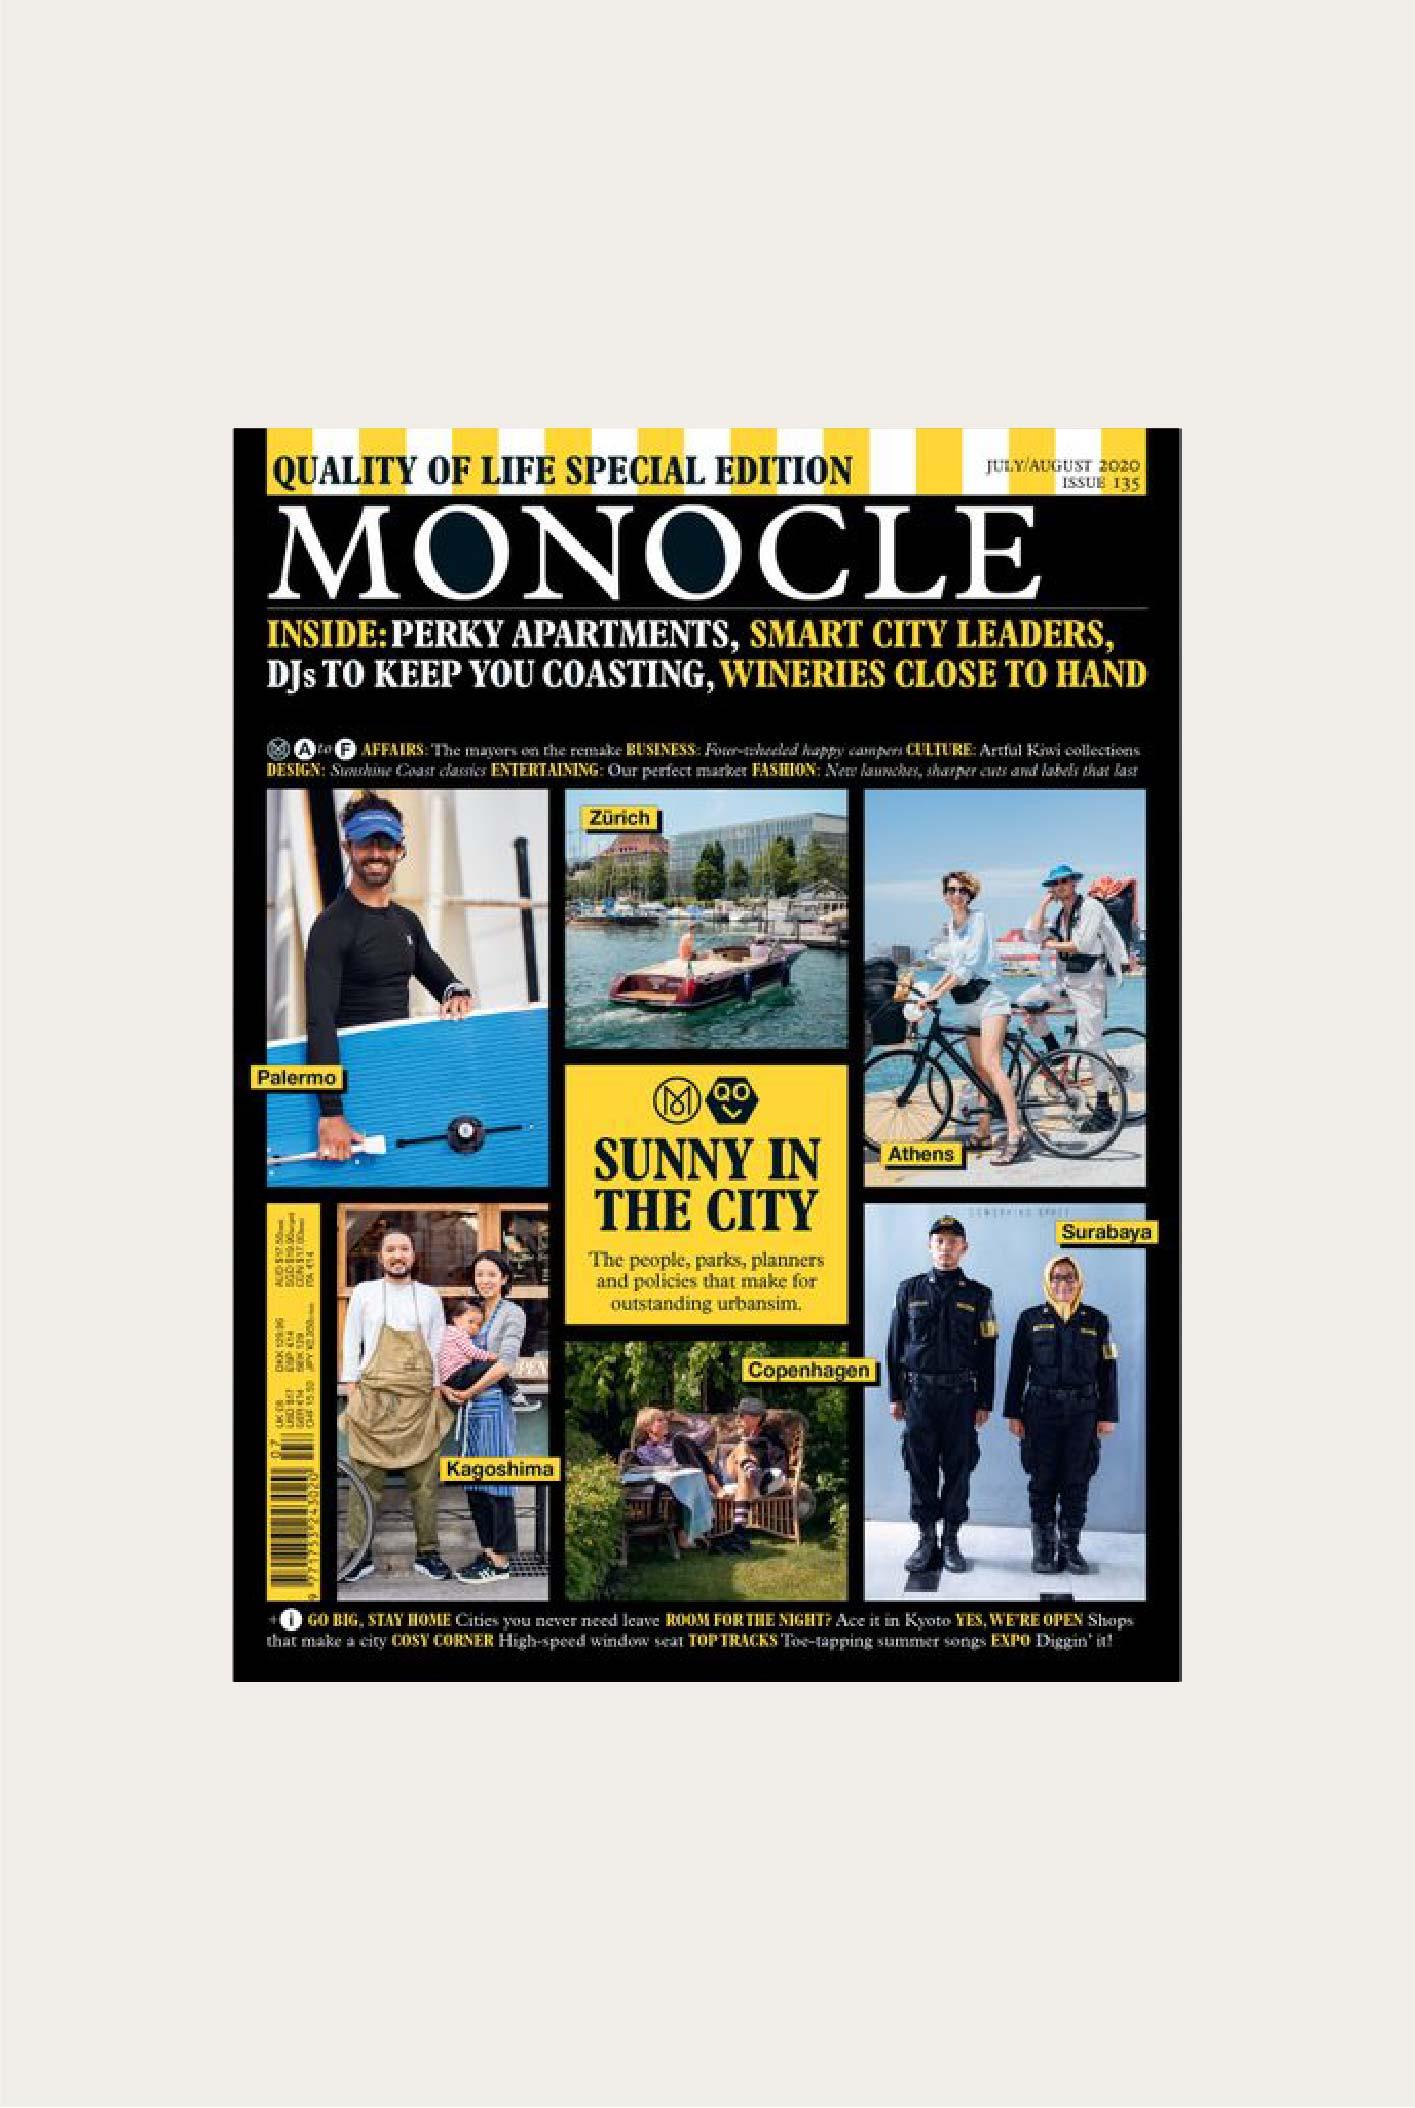 Monocle Jul/Aug20